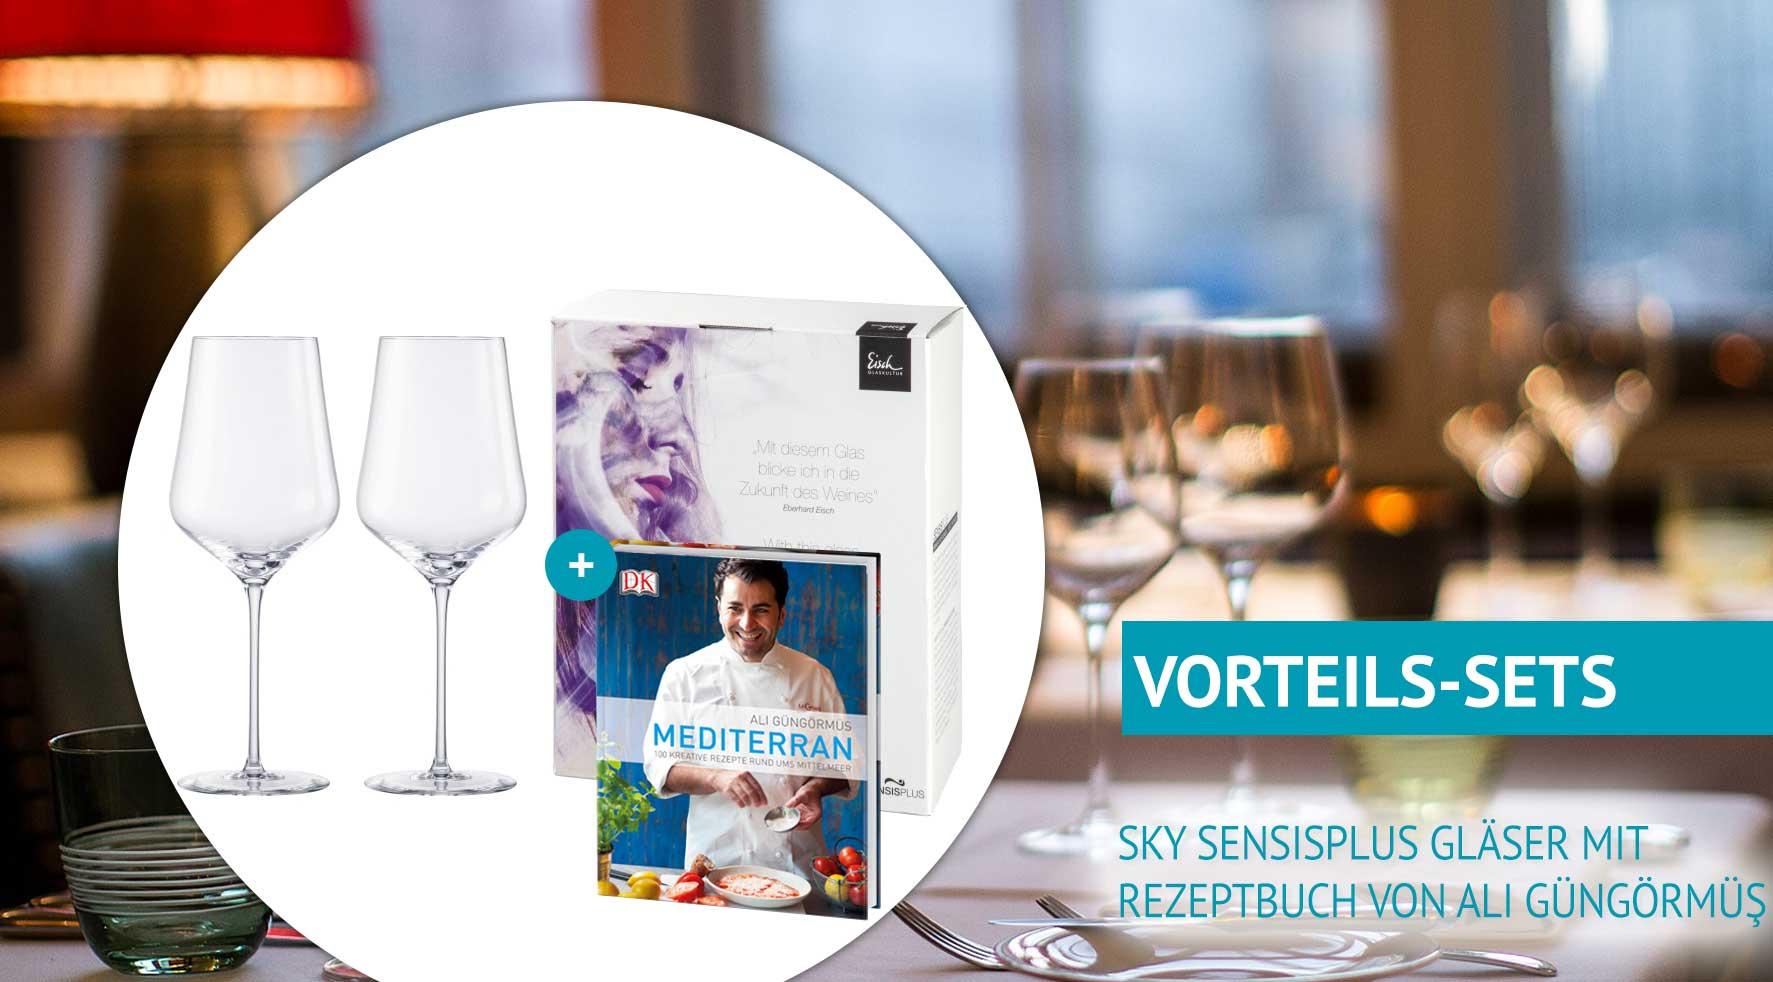 Sets mit SensisPlus-Gläsern und Kochbüchern von Ali Güngörmüs zum Sonderpreis